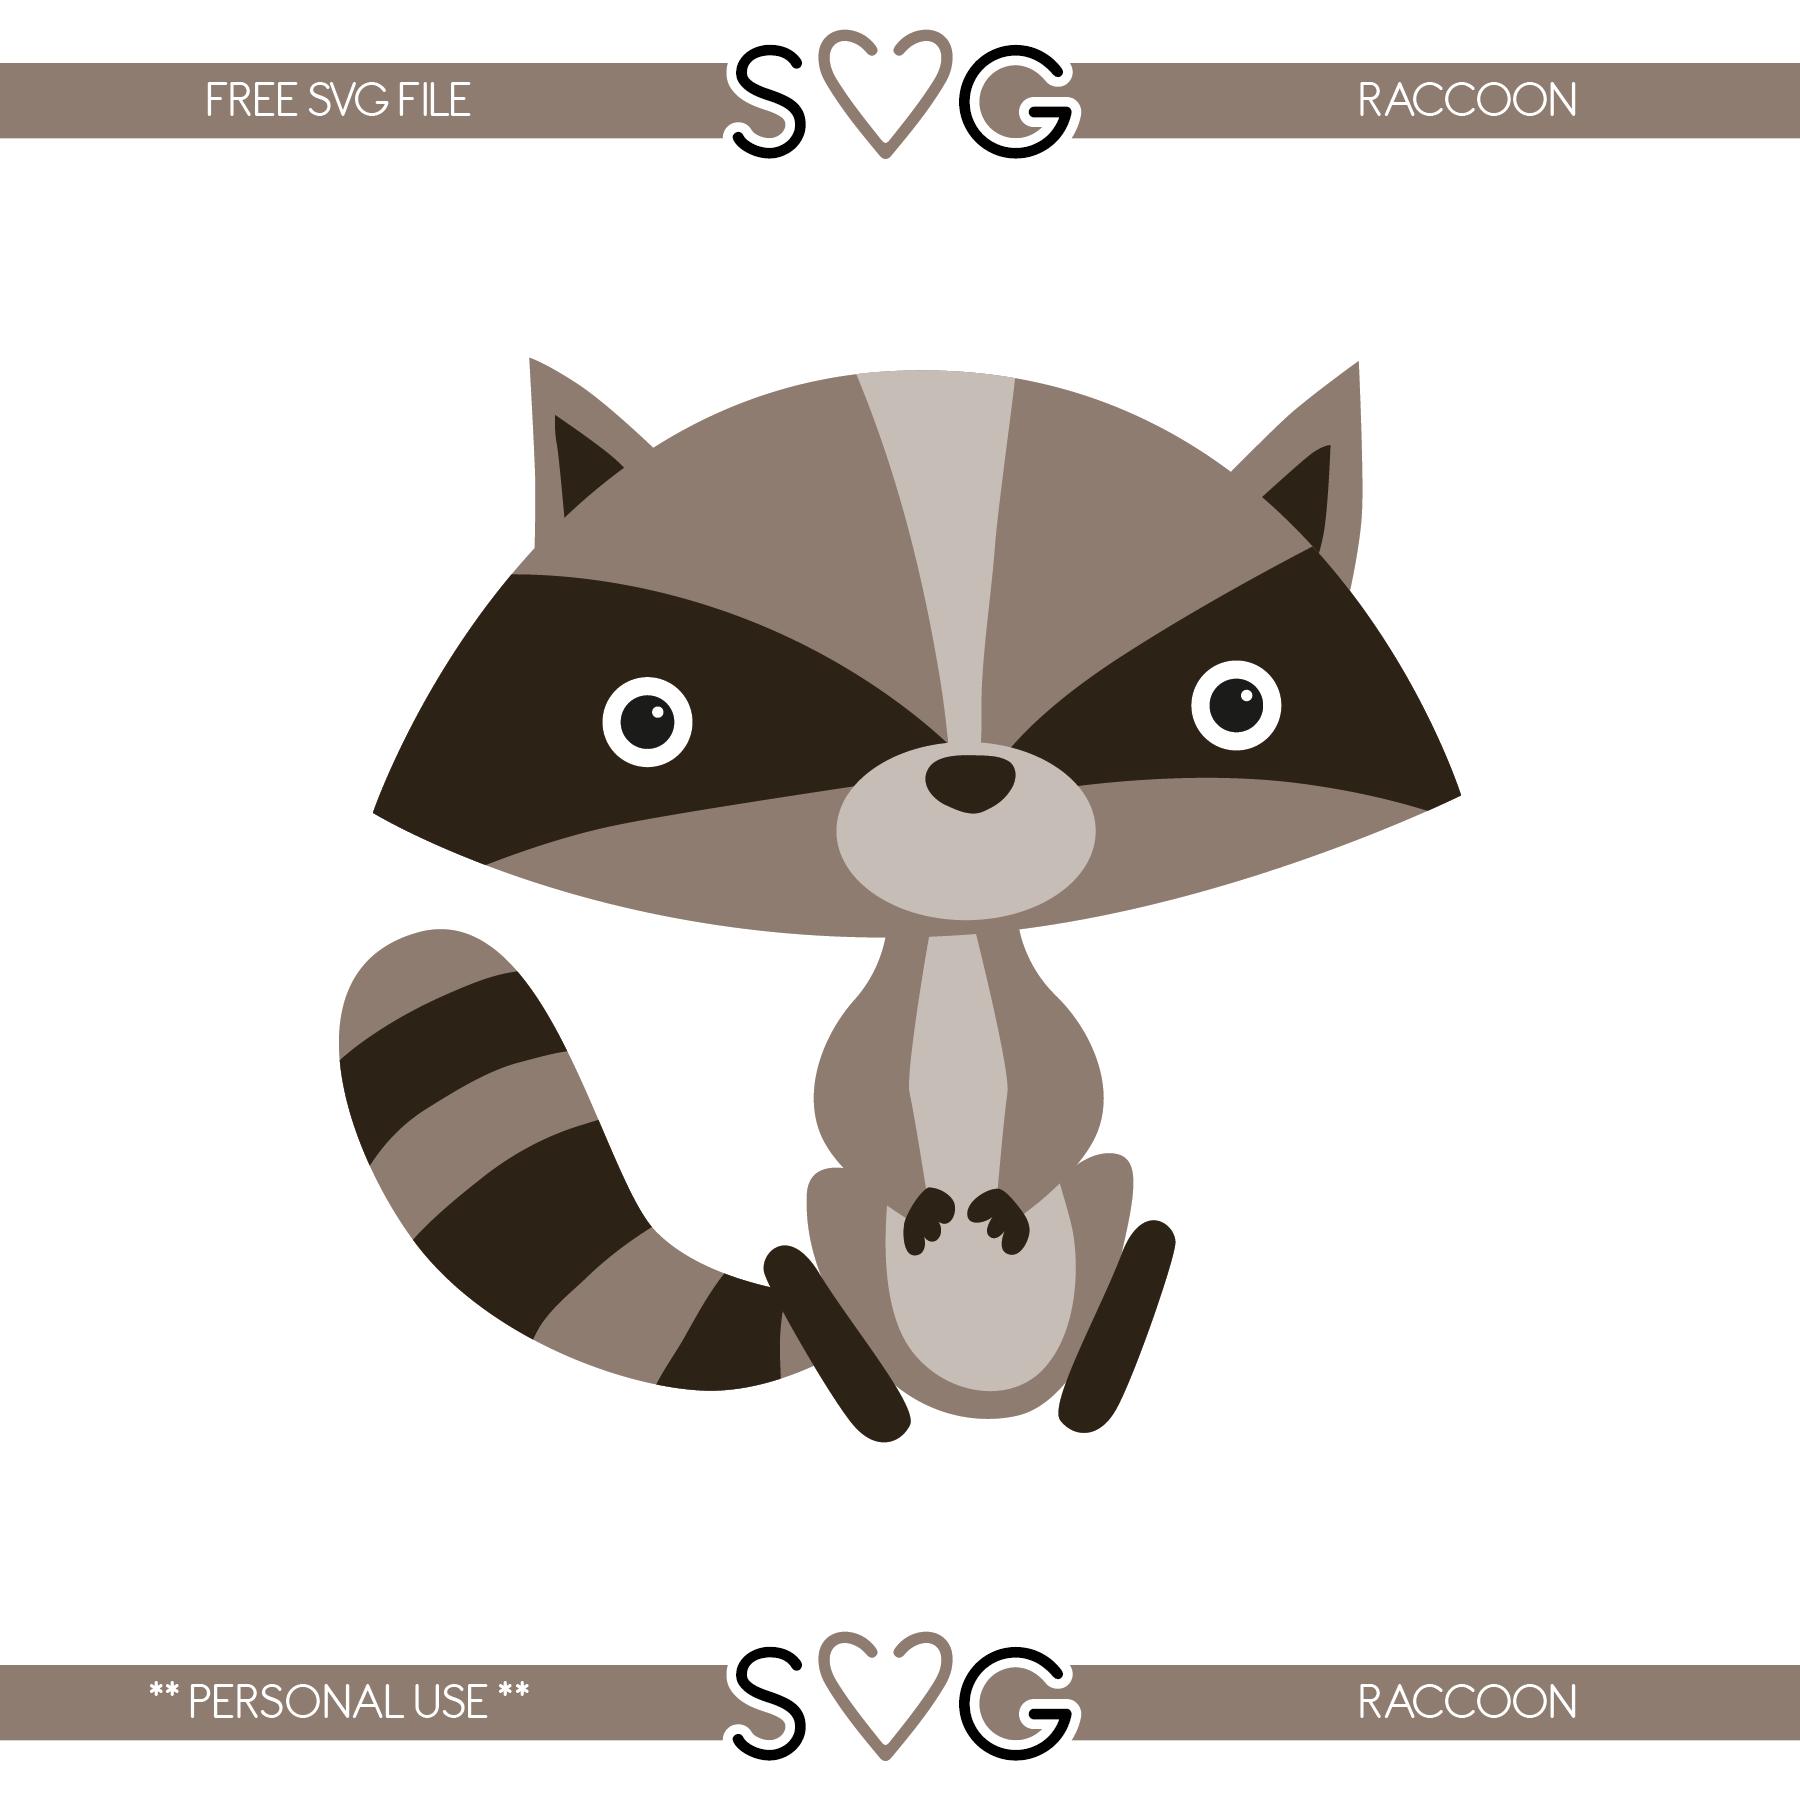 Raccoon svg #20, Download drawings